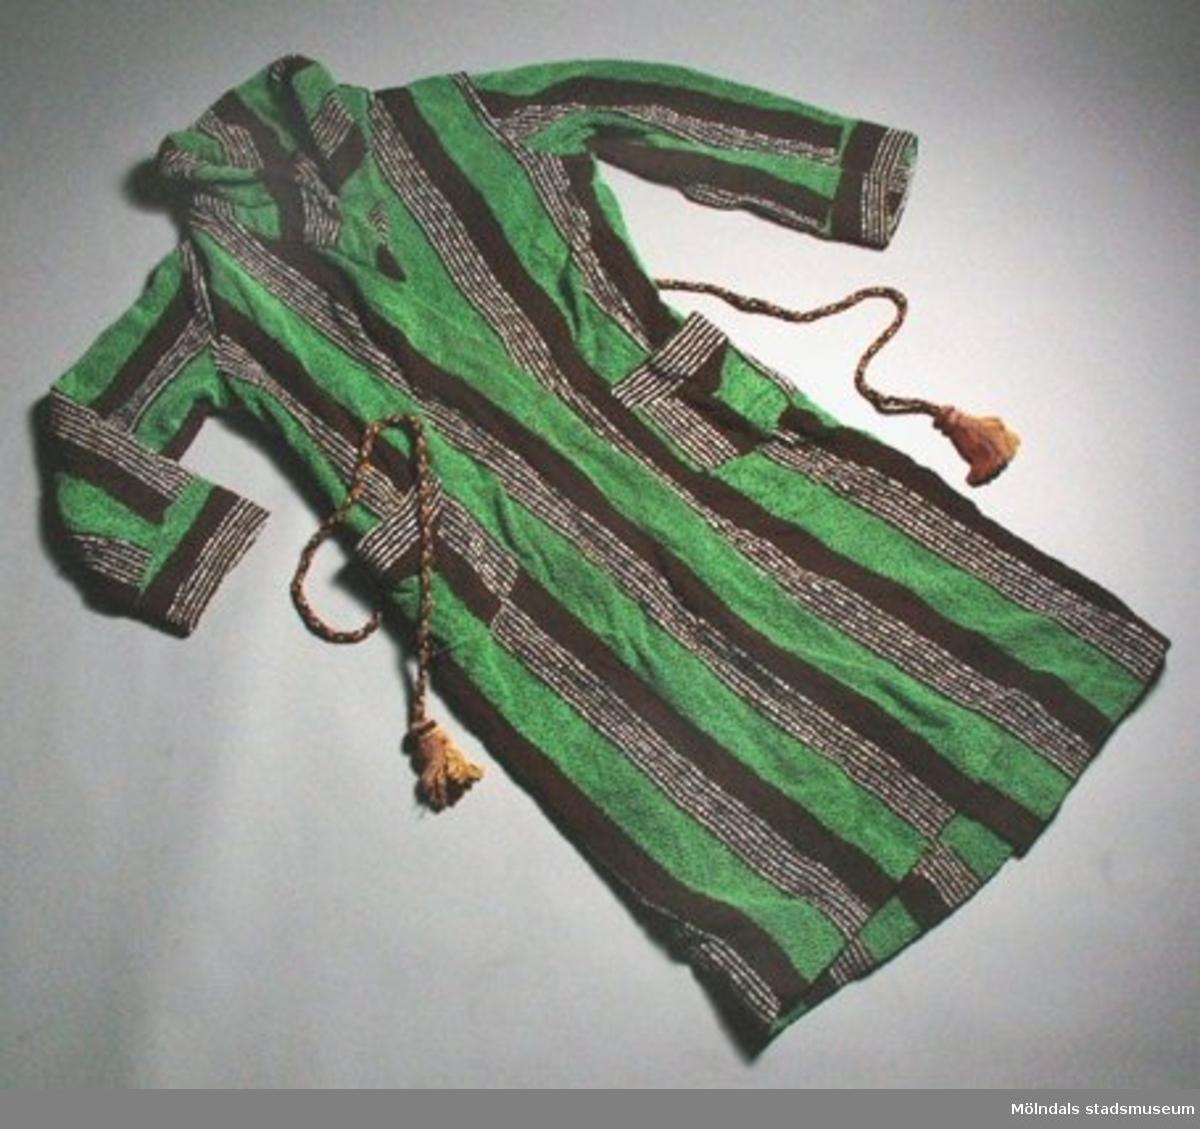 En badrock , grön/brun- och vitrandig med snodd i bruna färgtoner. Låg tillsammans med klädpåse (MM03434) med dateringen 14 oktober 1937.